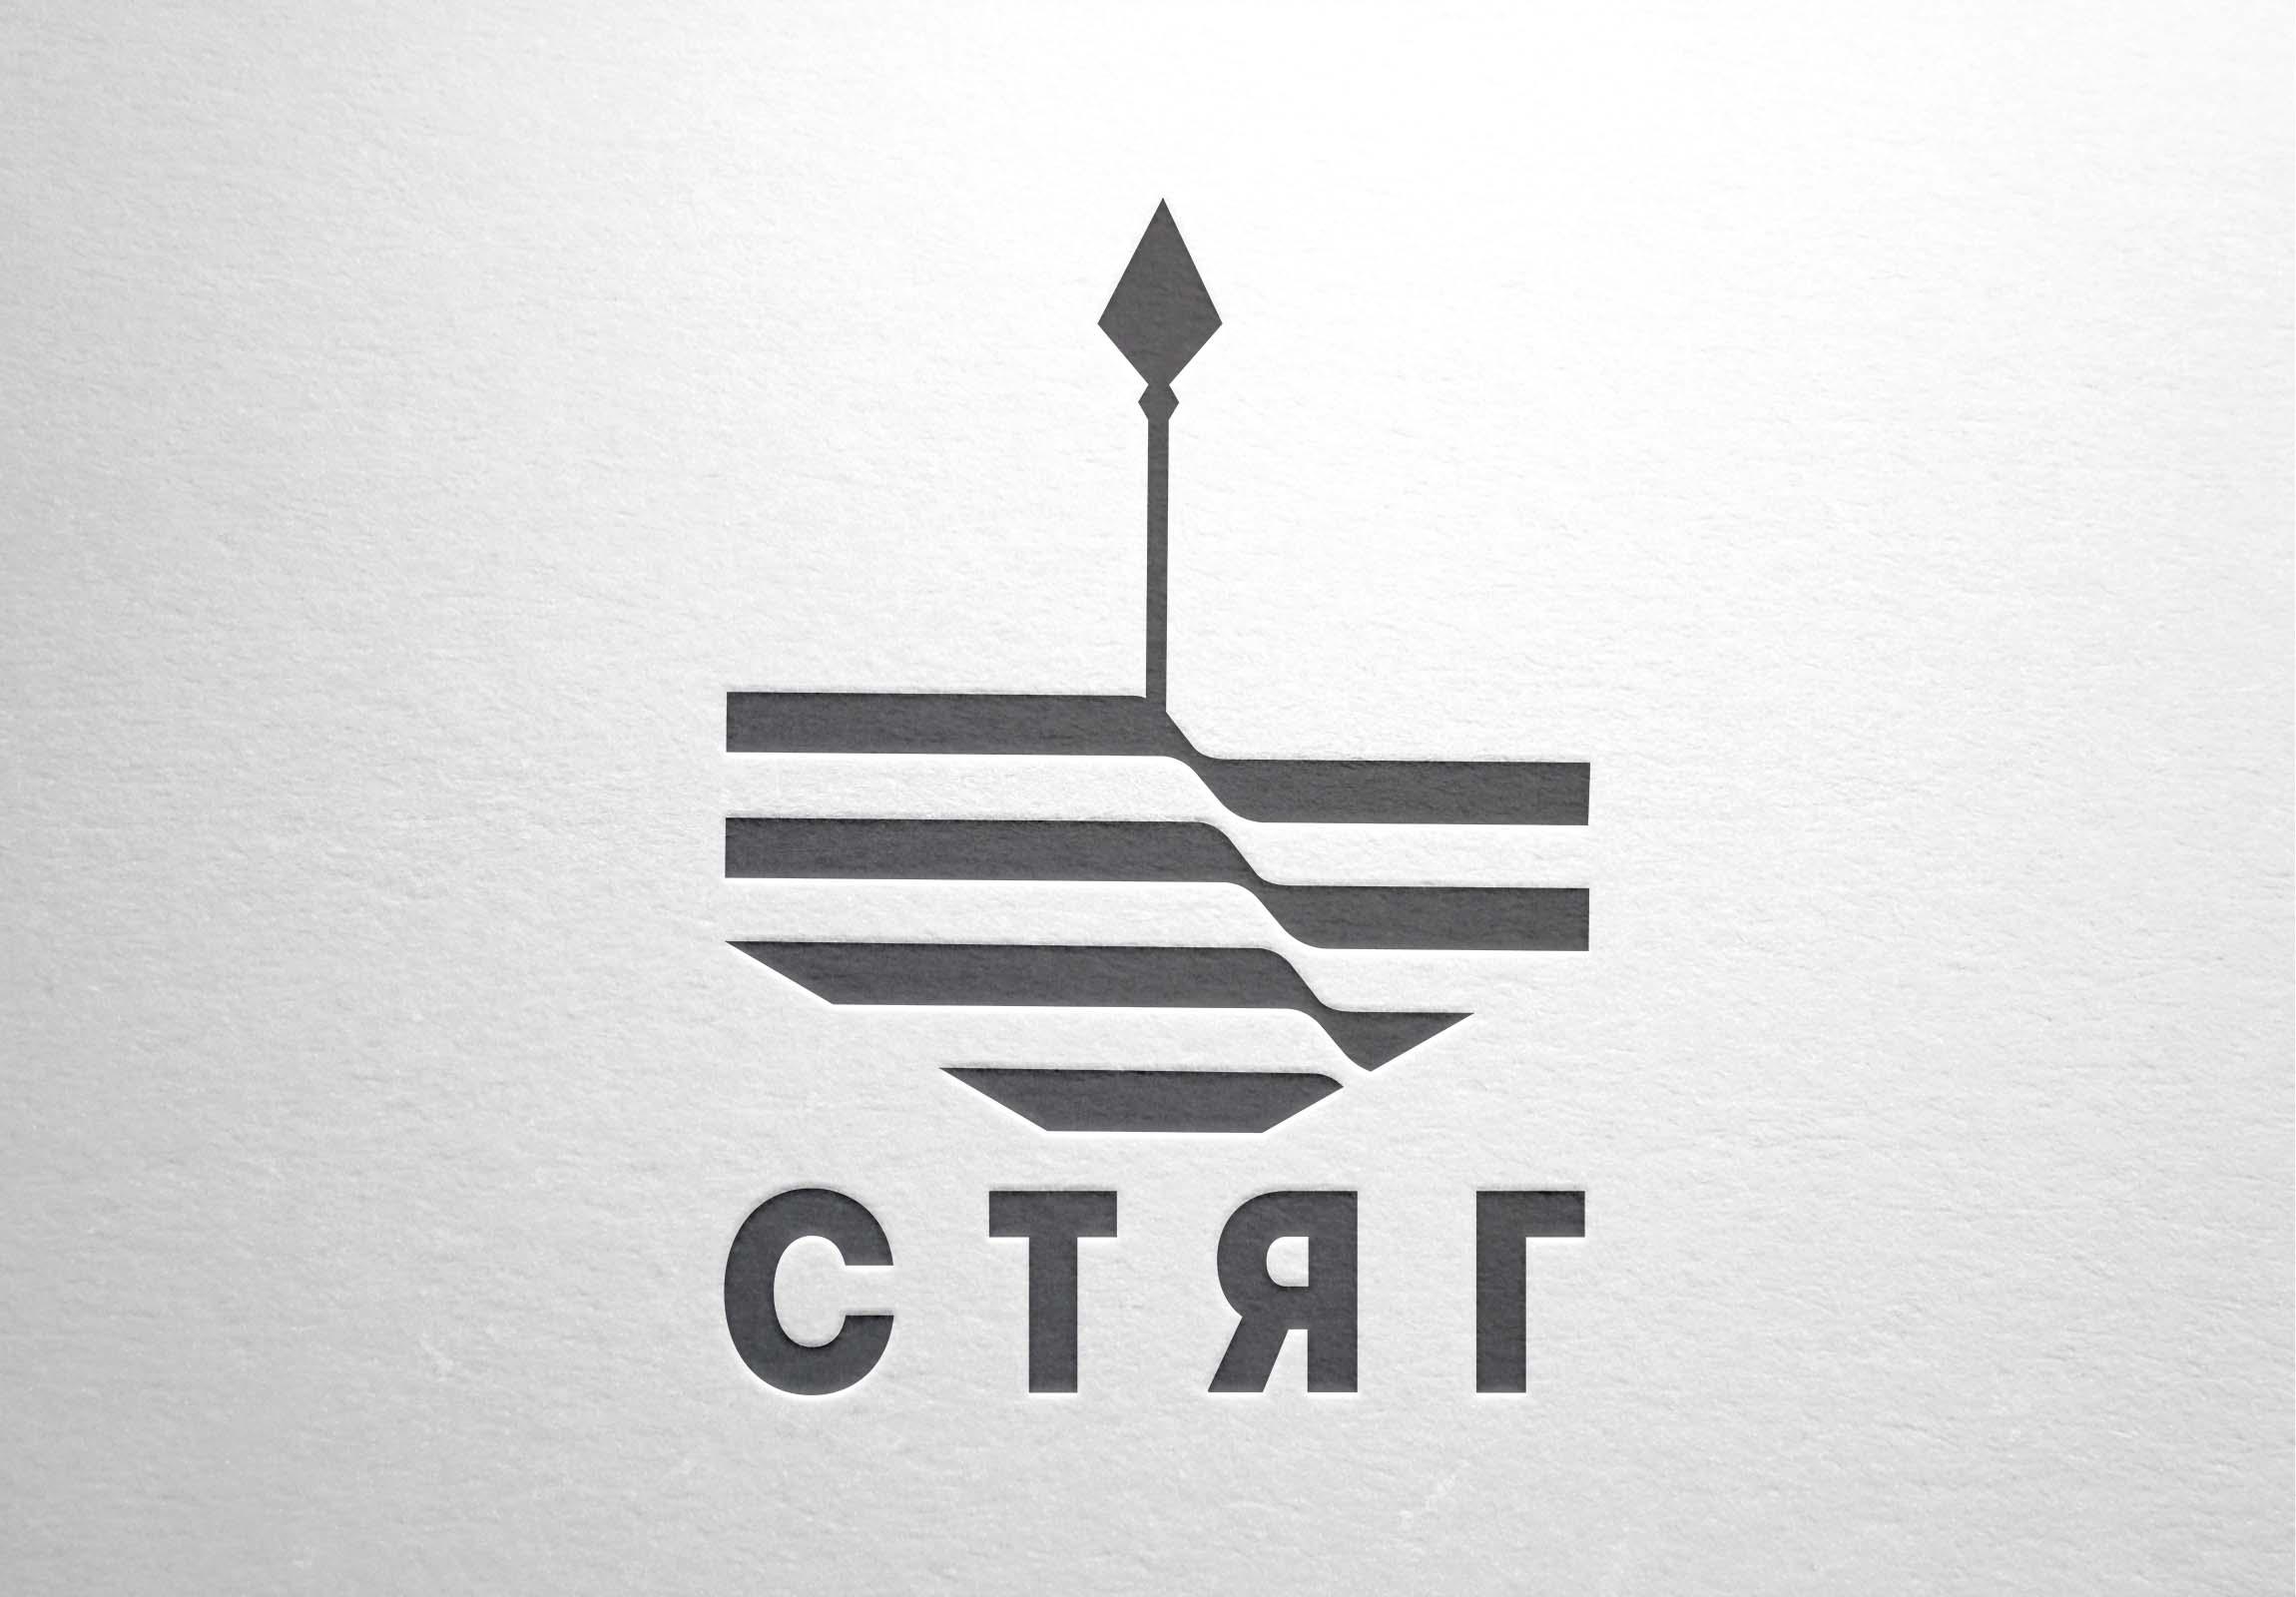 Разработка названия бренда + логотип фото f_76758ff2a042fa12.jpg